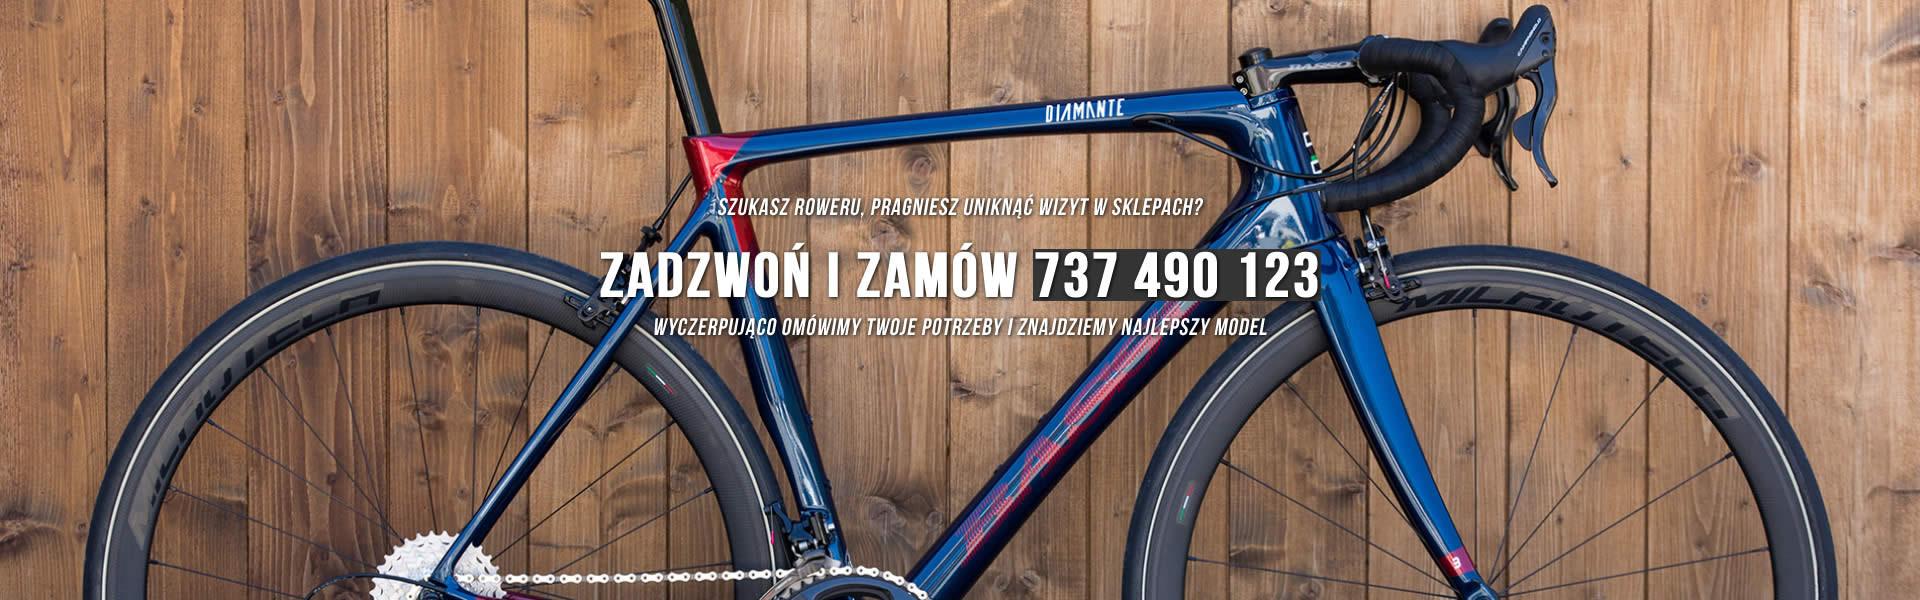 Zamów złożony i wyregulowany rower z dostawą do domu w bezpieczny sposób